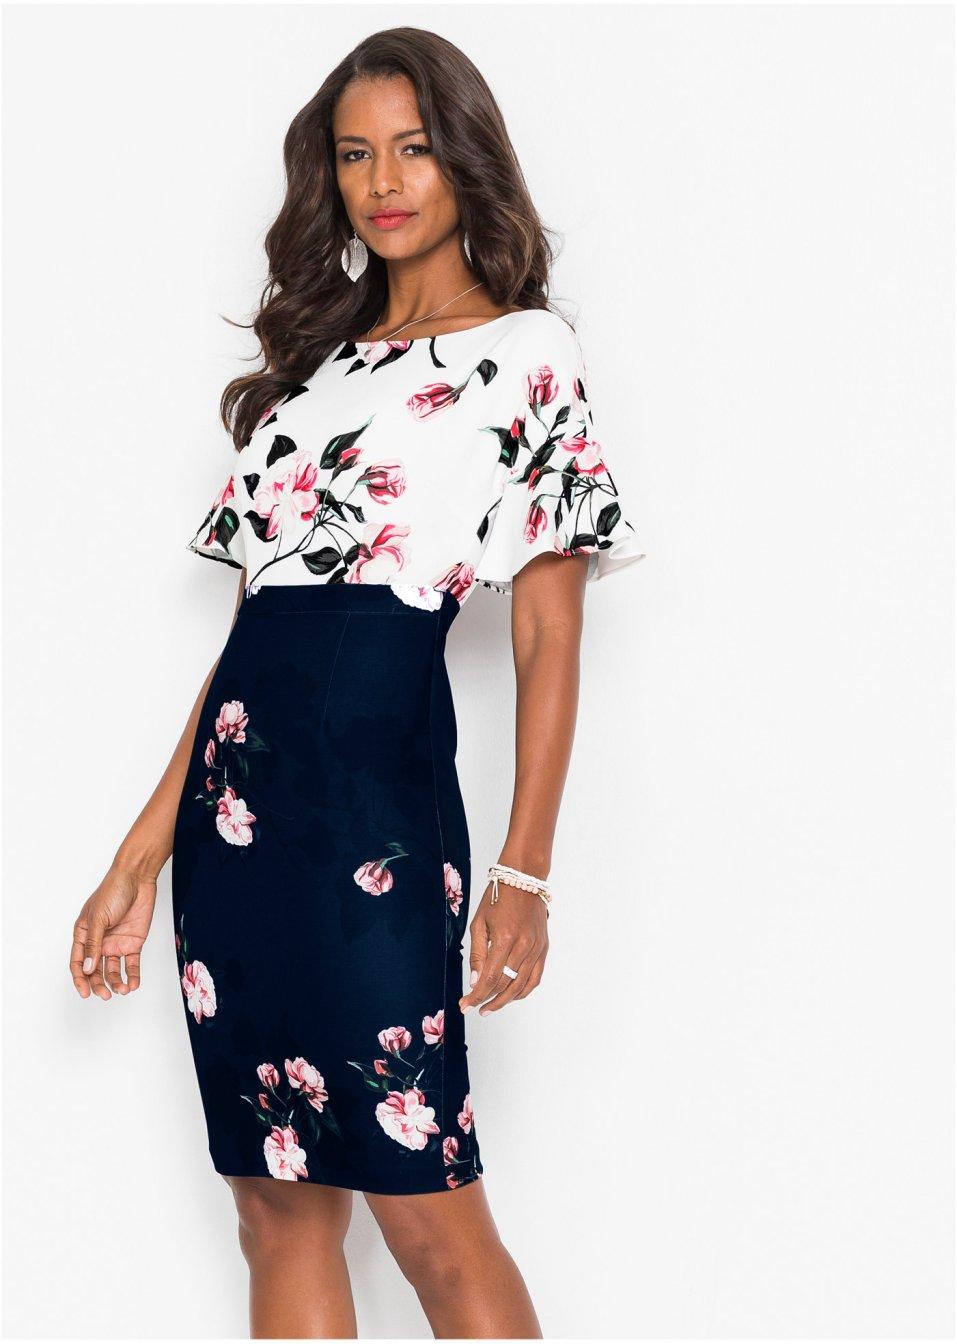 Kleid mit Blumen Motiv schwarz/weiß geblümt - BODYFLIRT ...